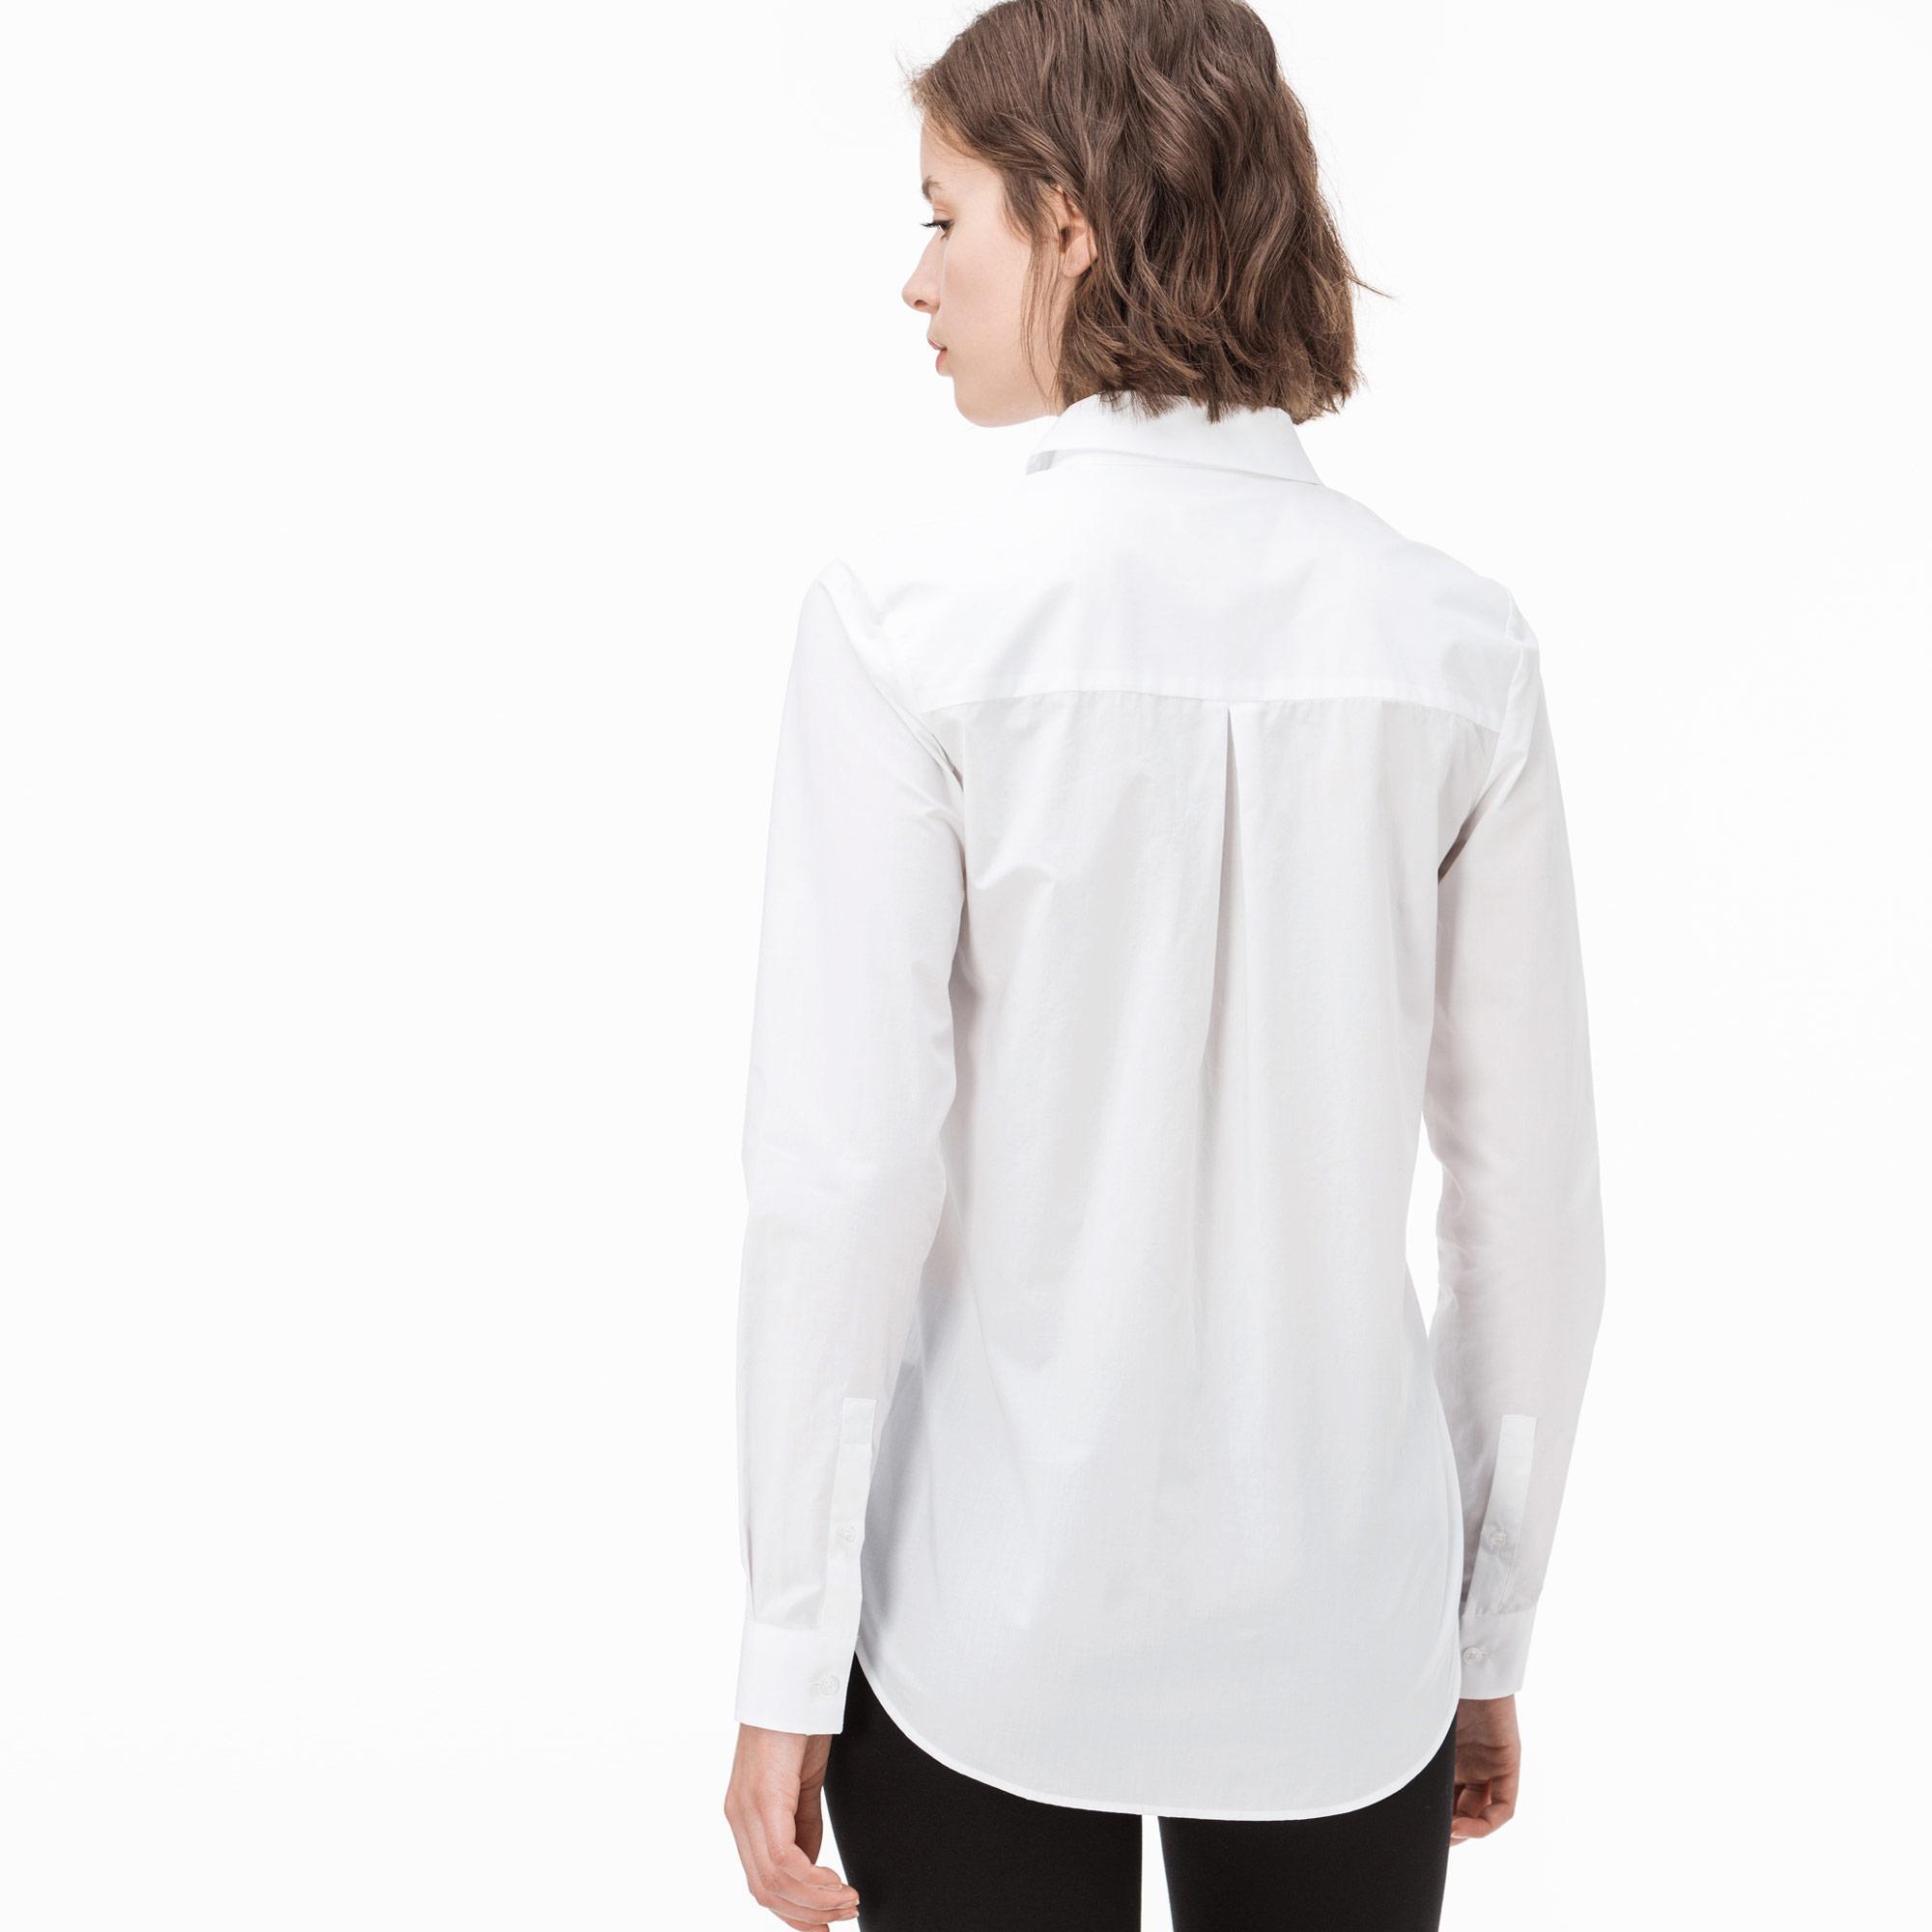 Lacoste Kadın Beyaz Gömlek